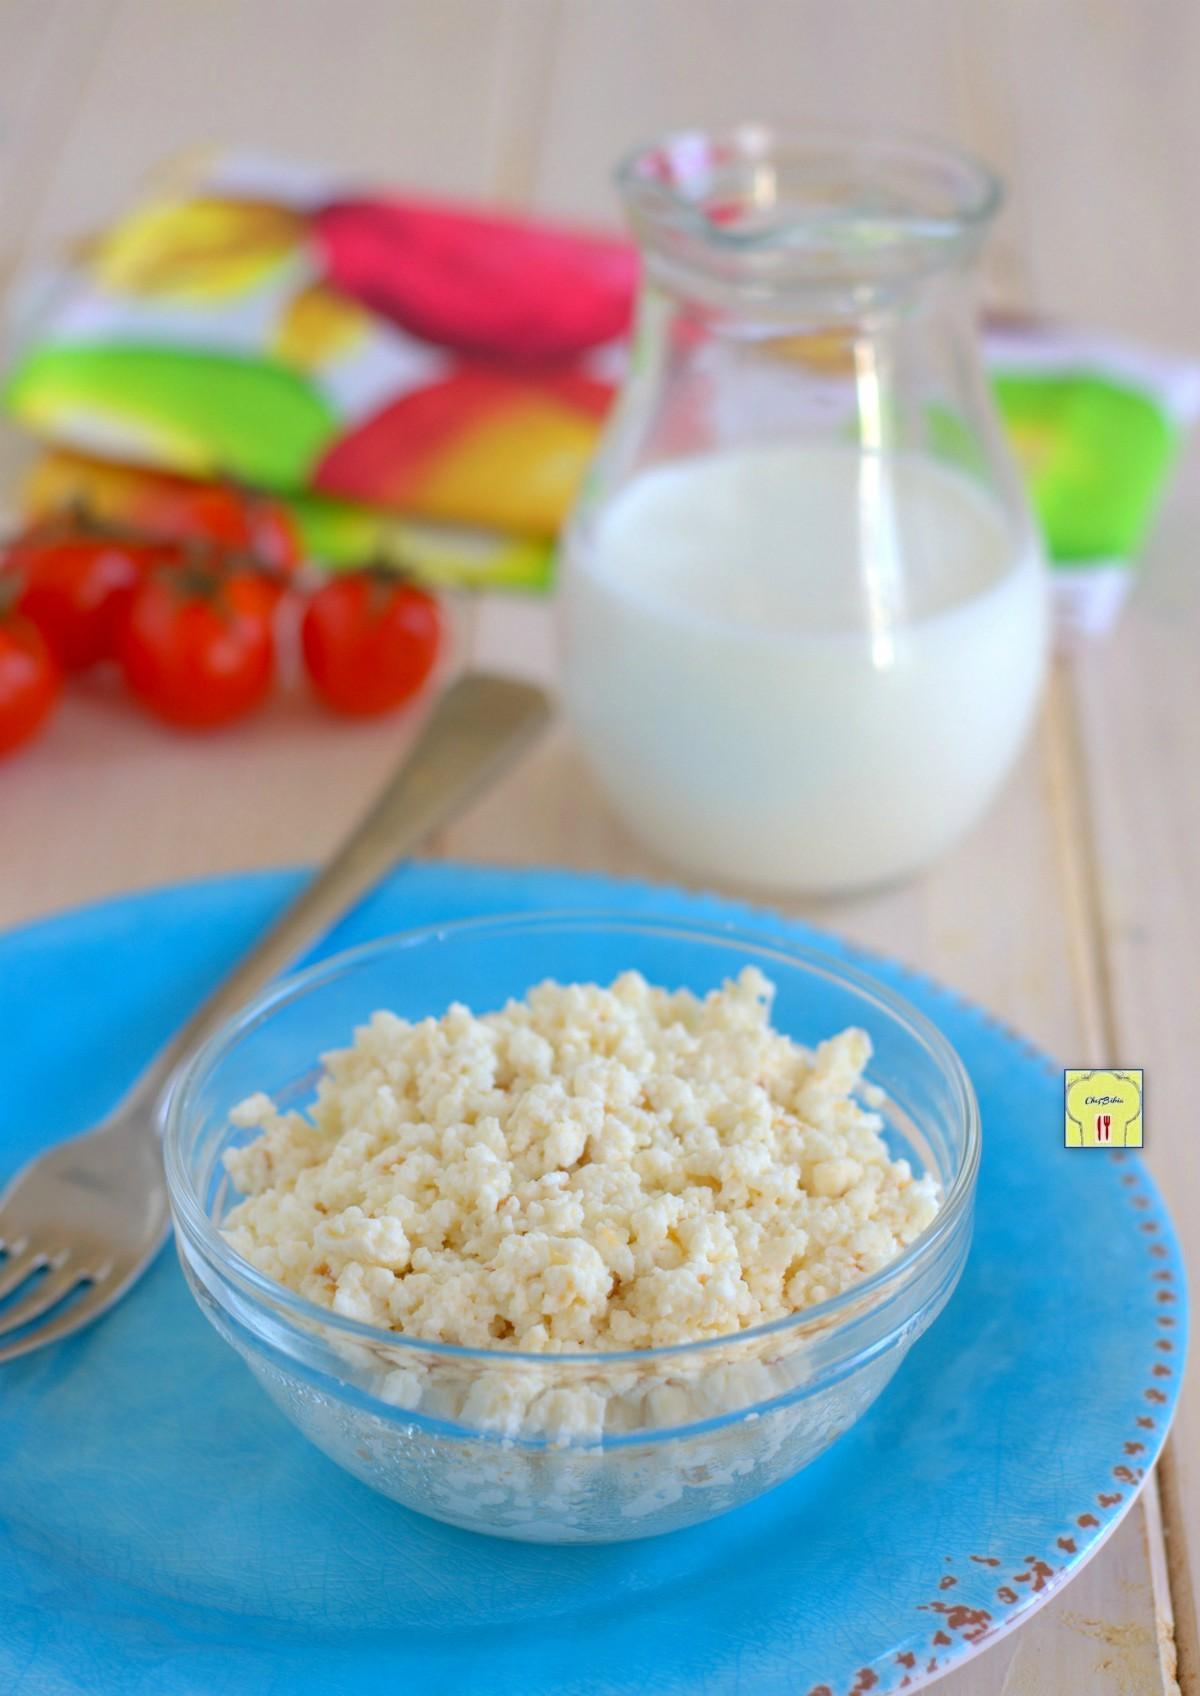 fiocchi di latte gp